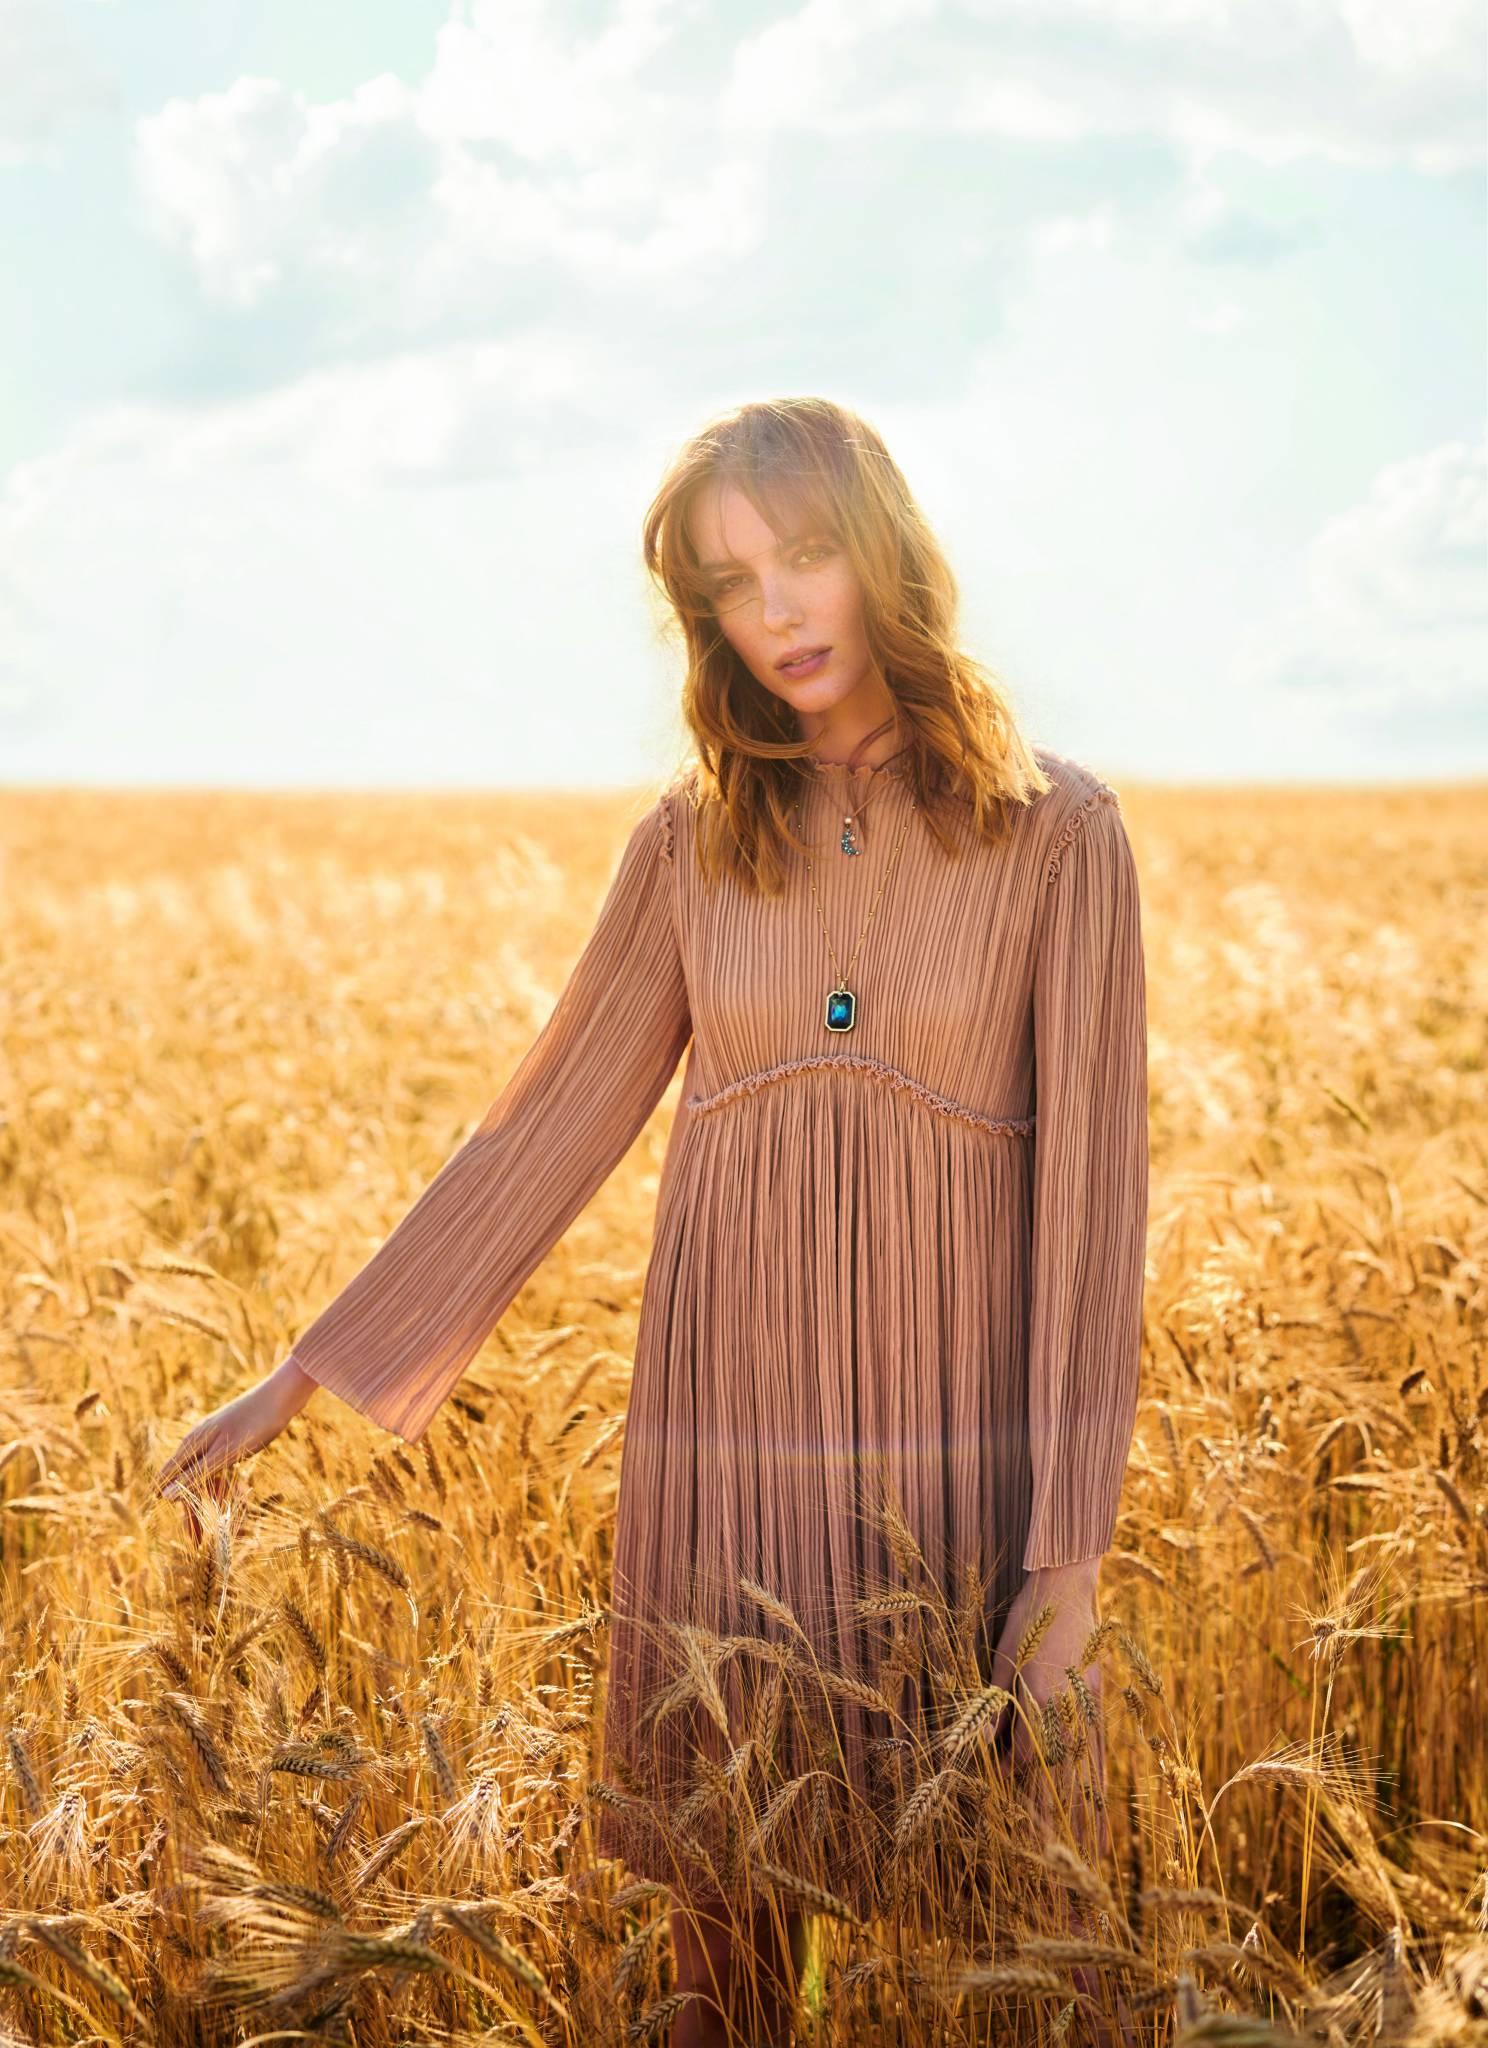 Sukienka CLOE/VITKAC.COM, naszyjniki SWAROVSKI (Fot. Artur Wesołowski/ MAKATA